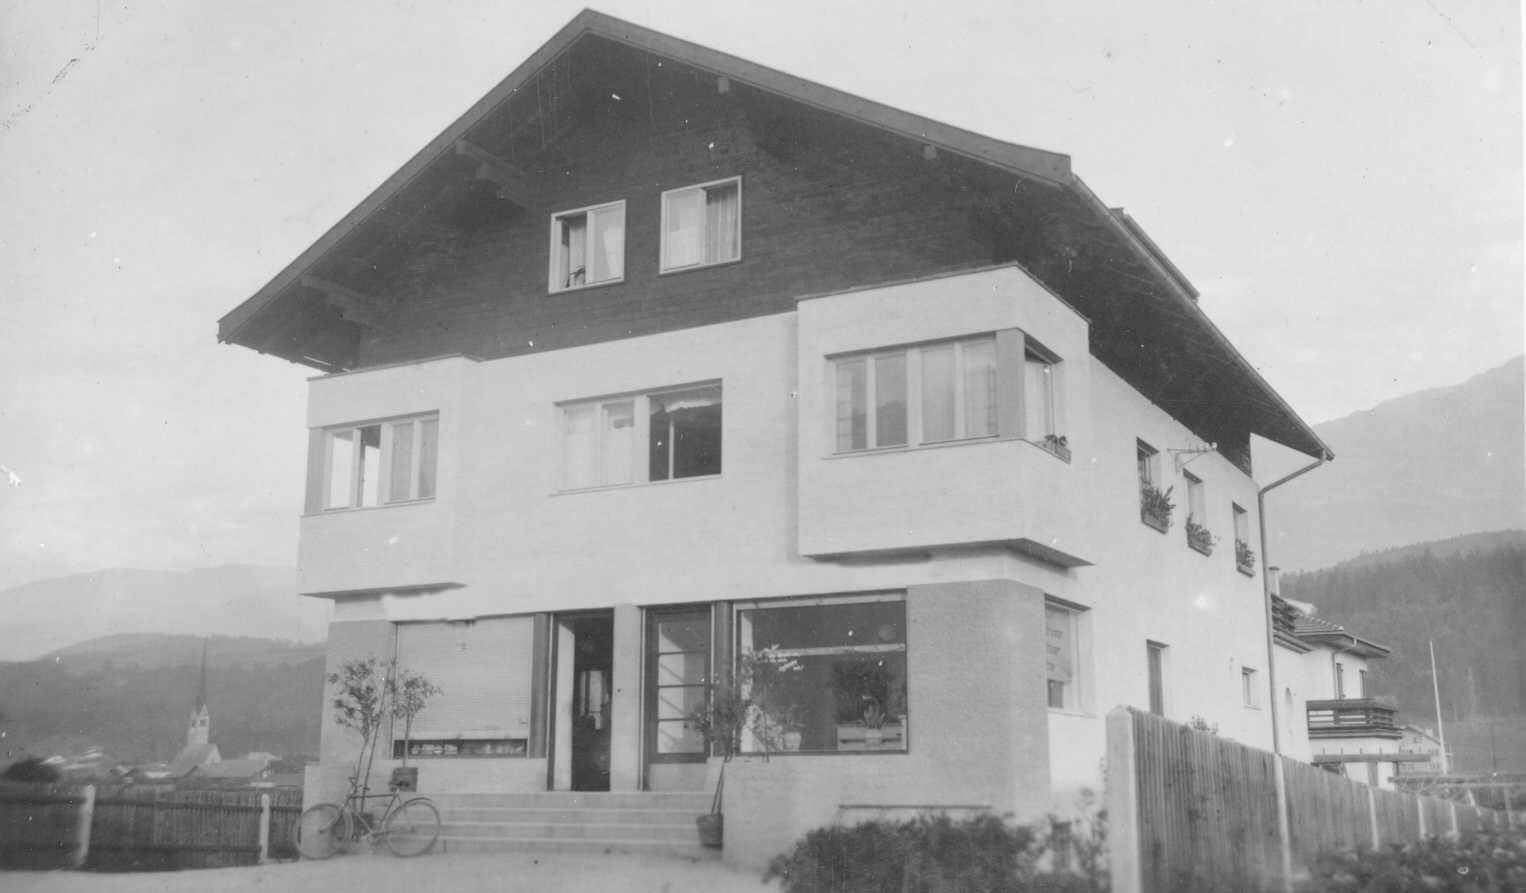 Ein Stattliches Haus